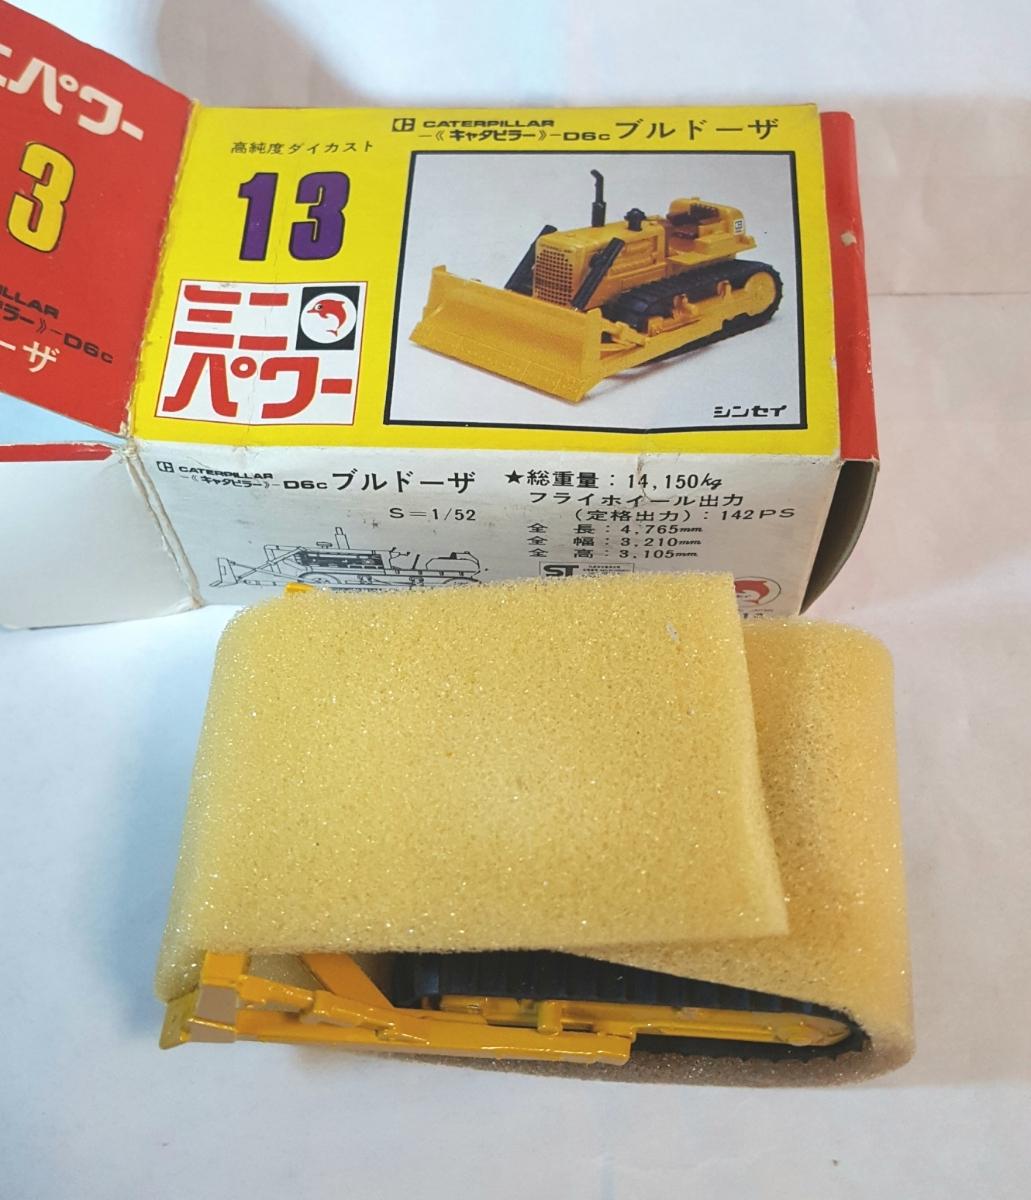 昭和 日本製 シンセイ ミニパワー 13 CATERPILLAR キャタピラー D6c ブルドーザ 52 CAT 未使用 正規品 SHINSEI MINI POWER ミニカー 超合金_画像1